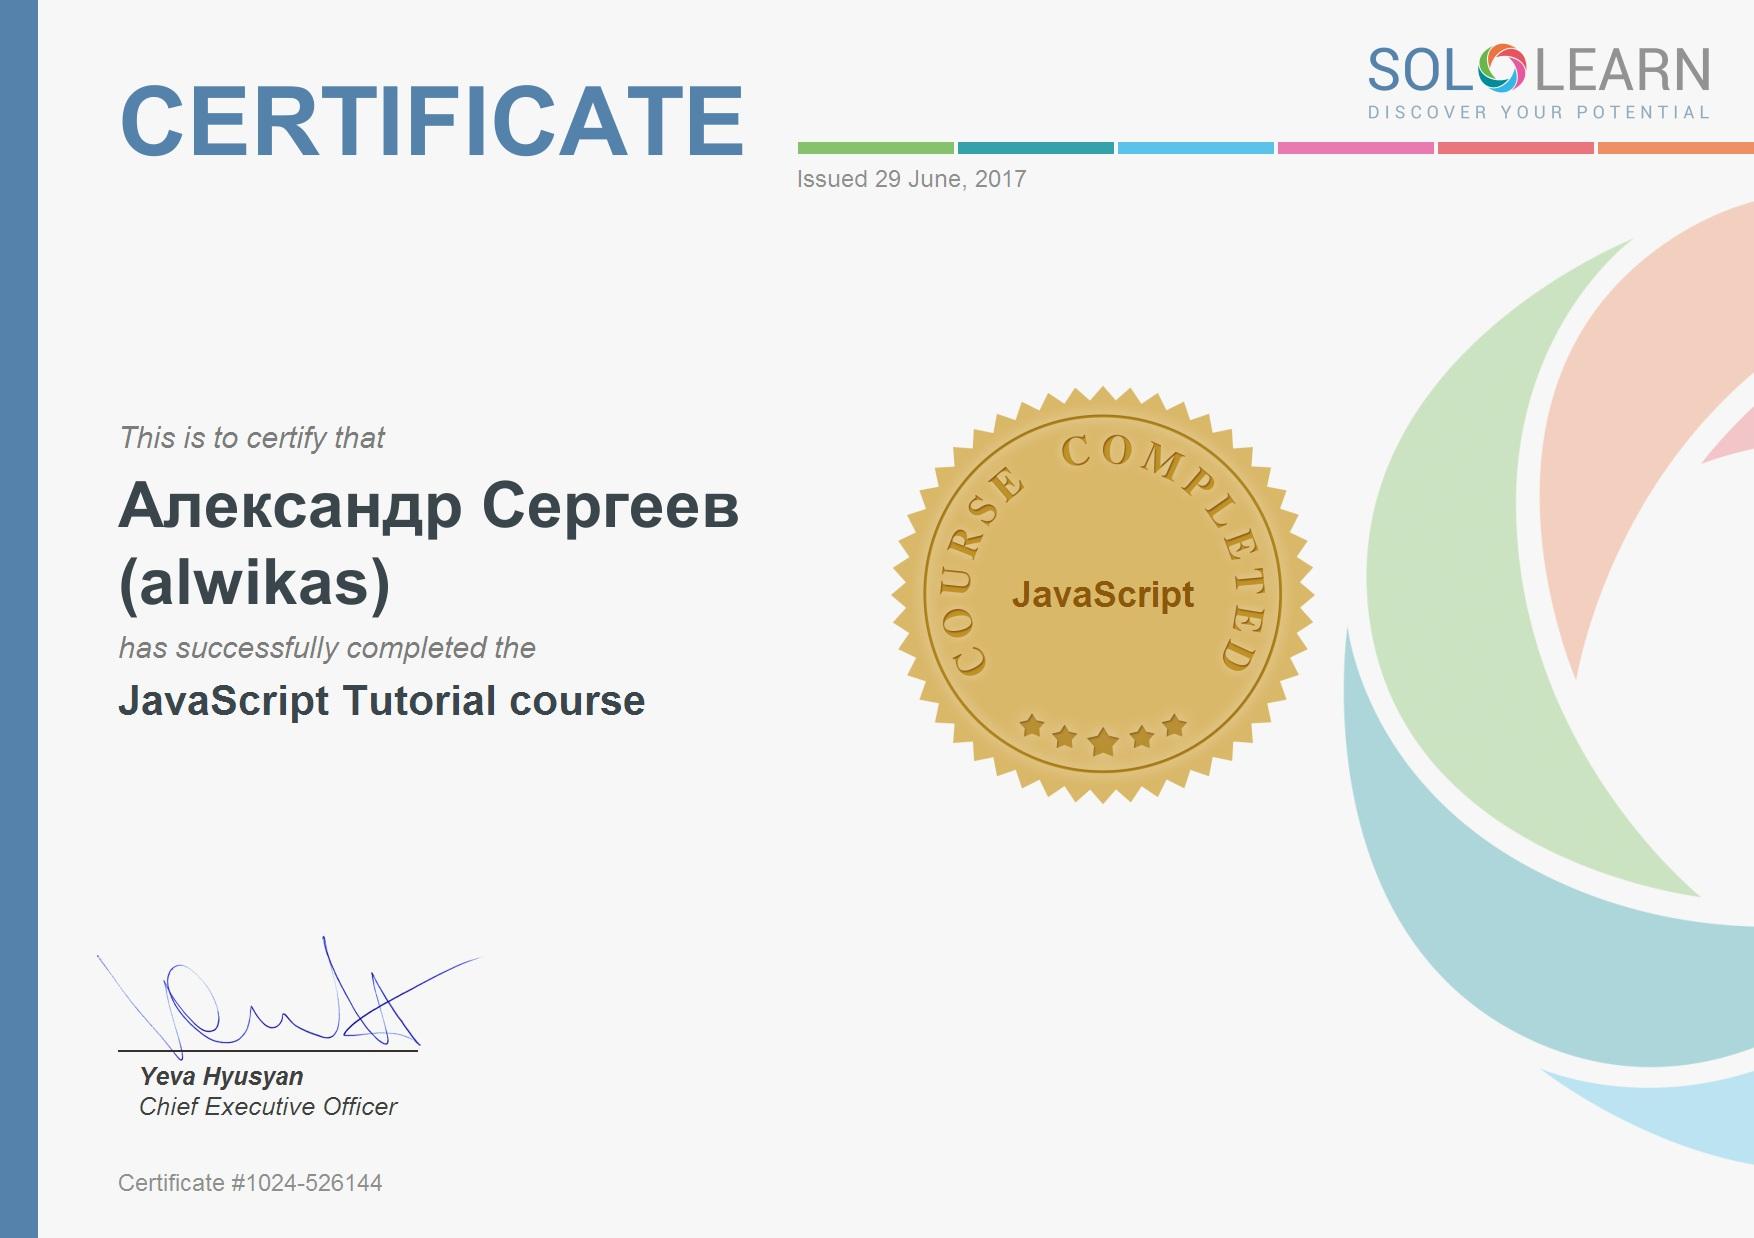 Фото Сертификат об обучении языку программирования Javascript. JavaScript — мультипарадигменный язык программирования. Поддерживает объектно-ориентированный, императивный и функциональный стили. Является реализацией языка ECMAScript (стандарт ECMA-262).  JavaScript обычно используется как встраиваемый язык для программного доступа к объектам приложений. Наиболее широкое применение находит в браузерах как язык сценариев для придания интерактивности веб-страницам.